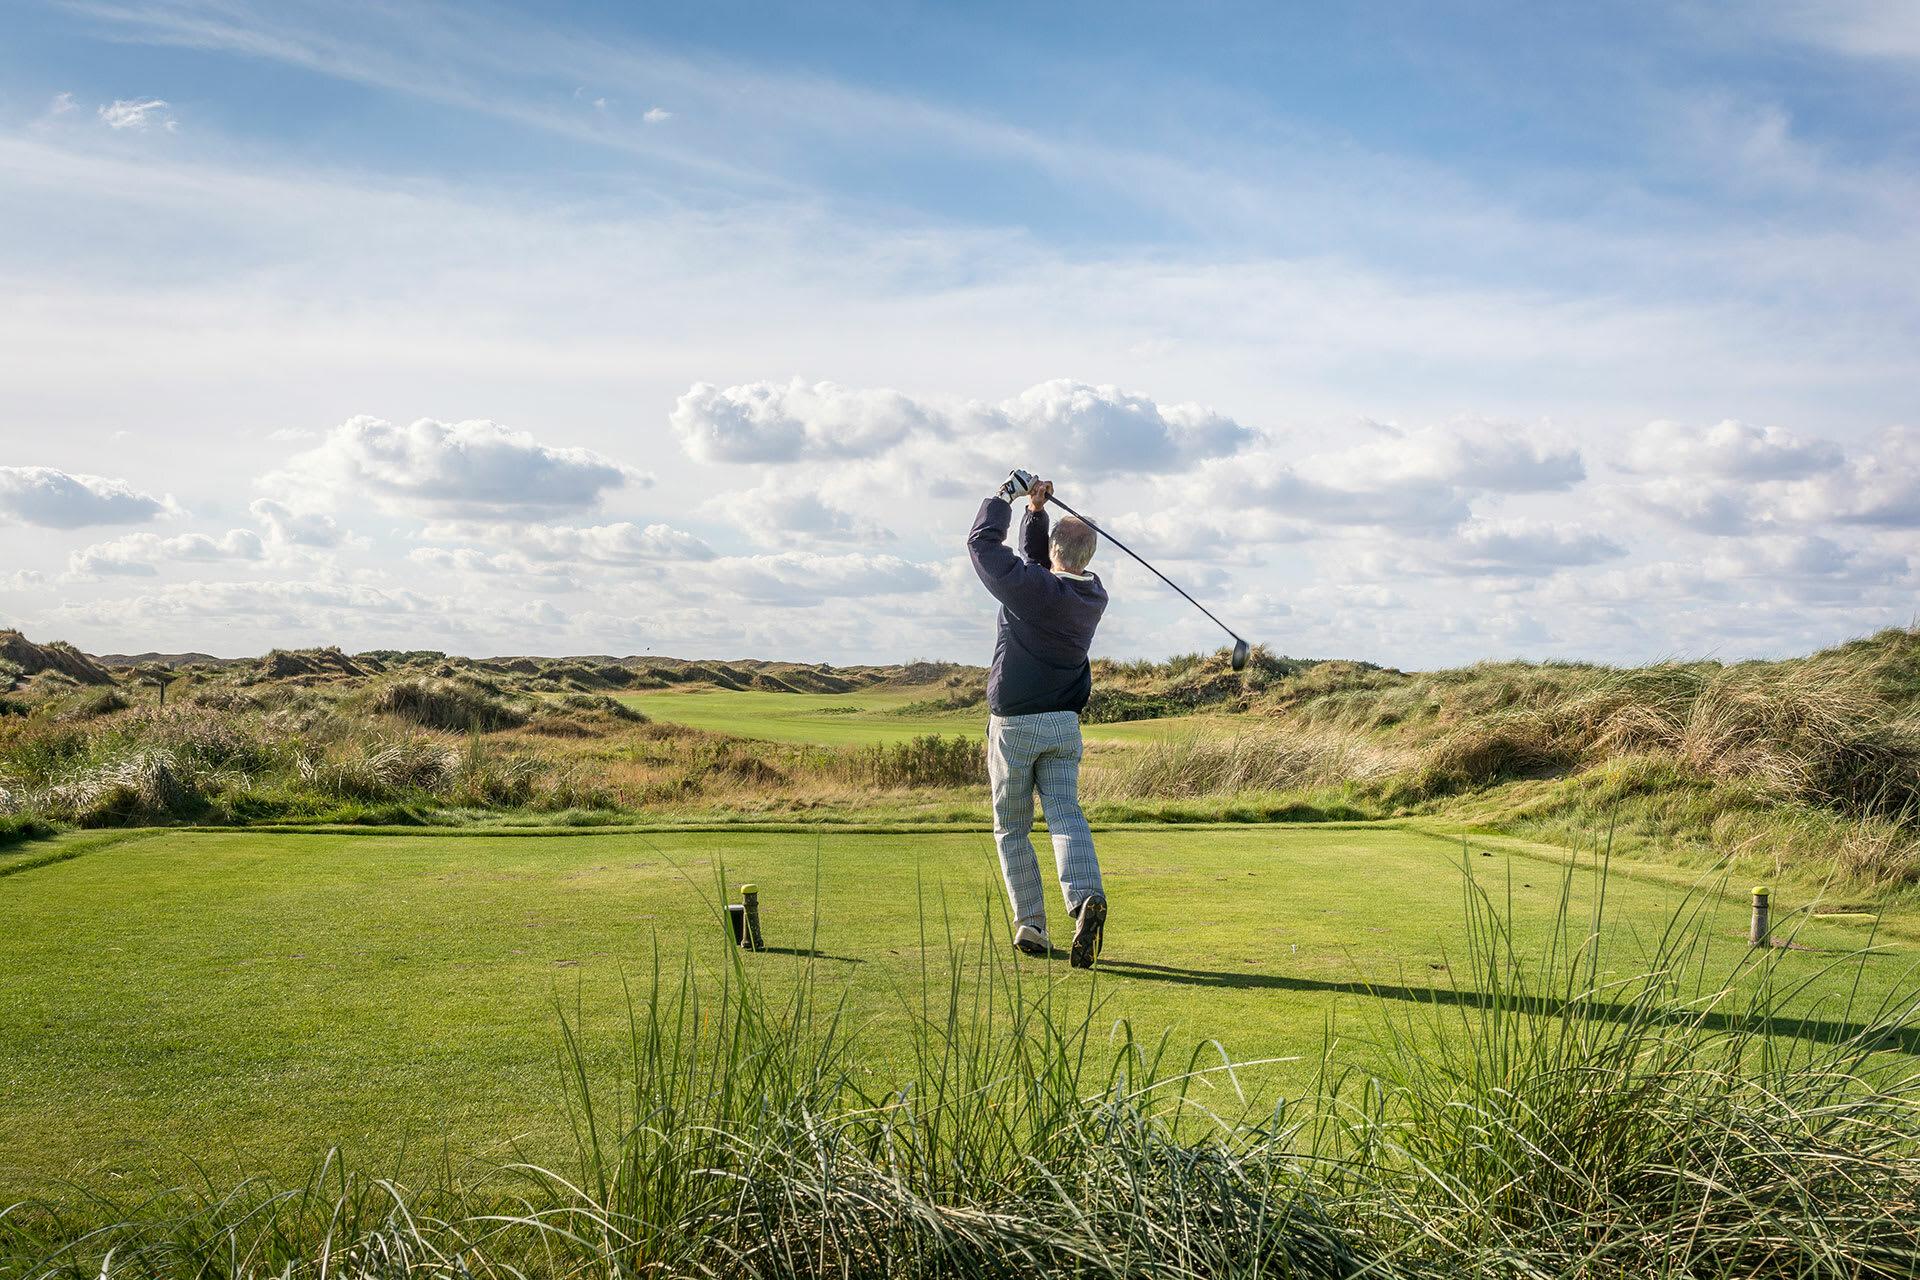 Man aan het golfen golfbaan de texelse VVV Texel fotograaf Stefan Krofft